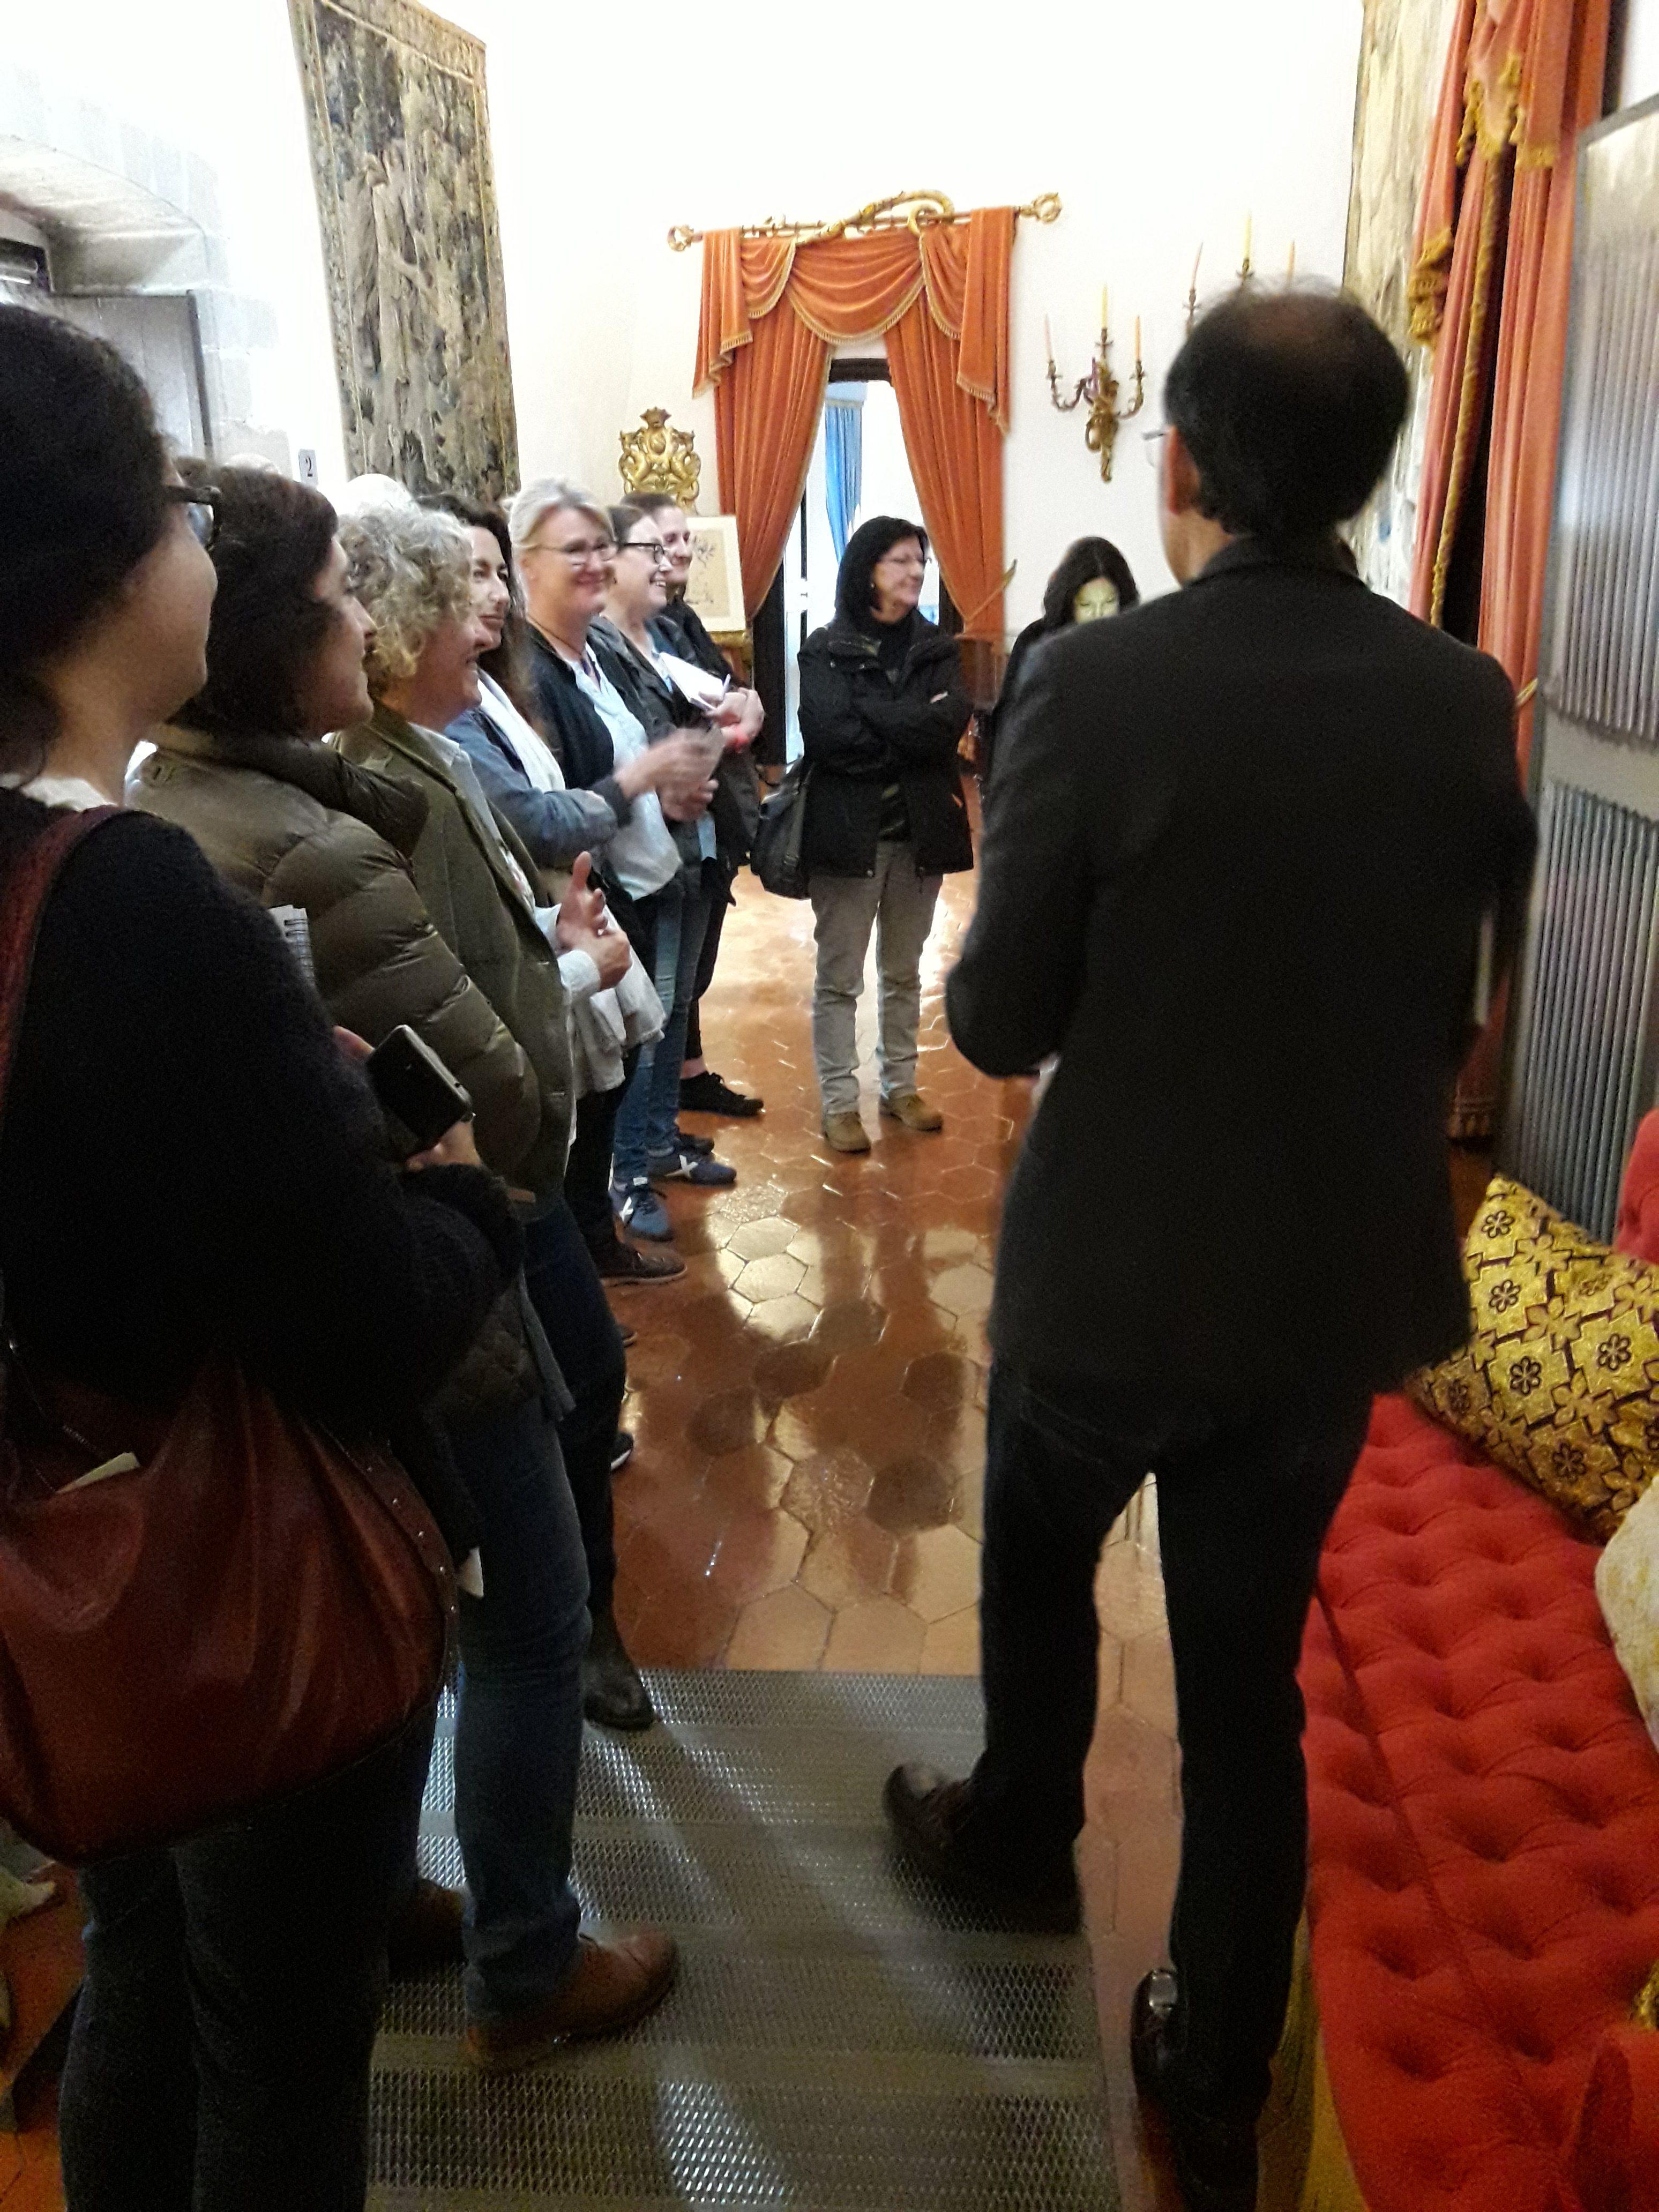 Image taken during the visit